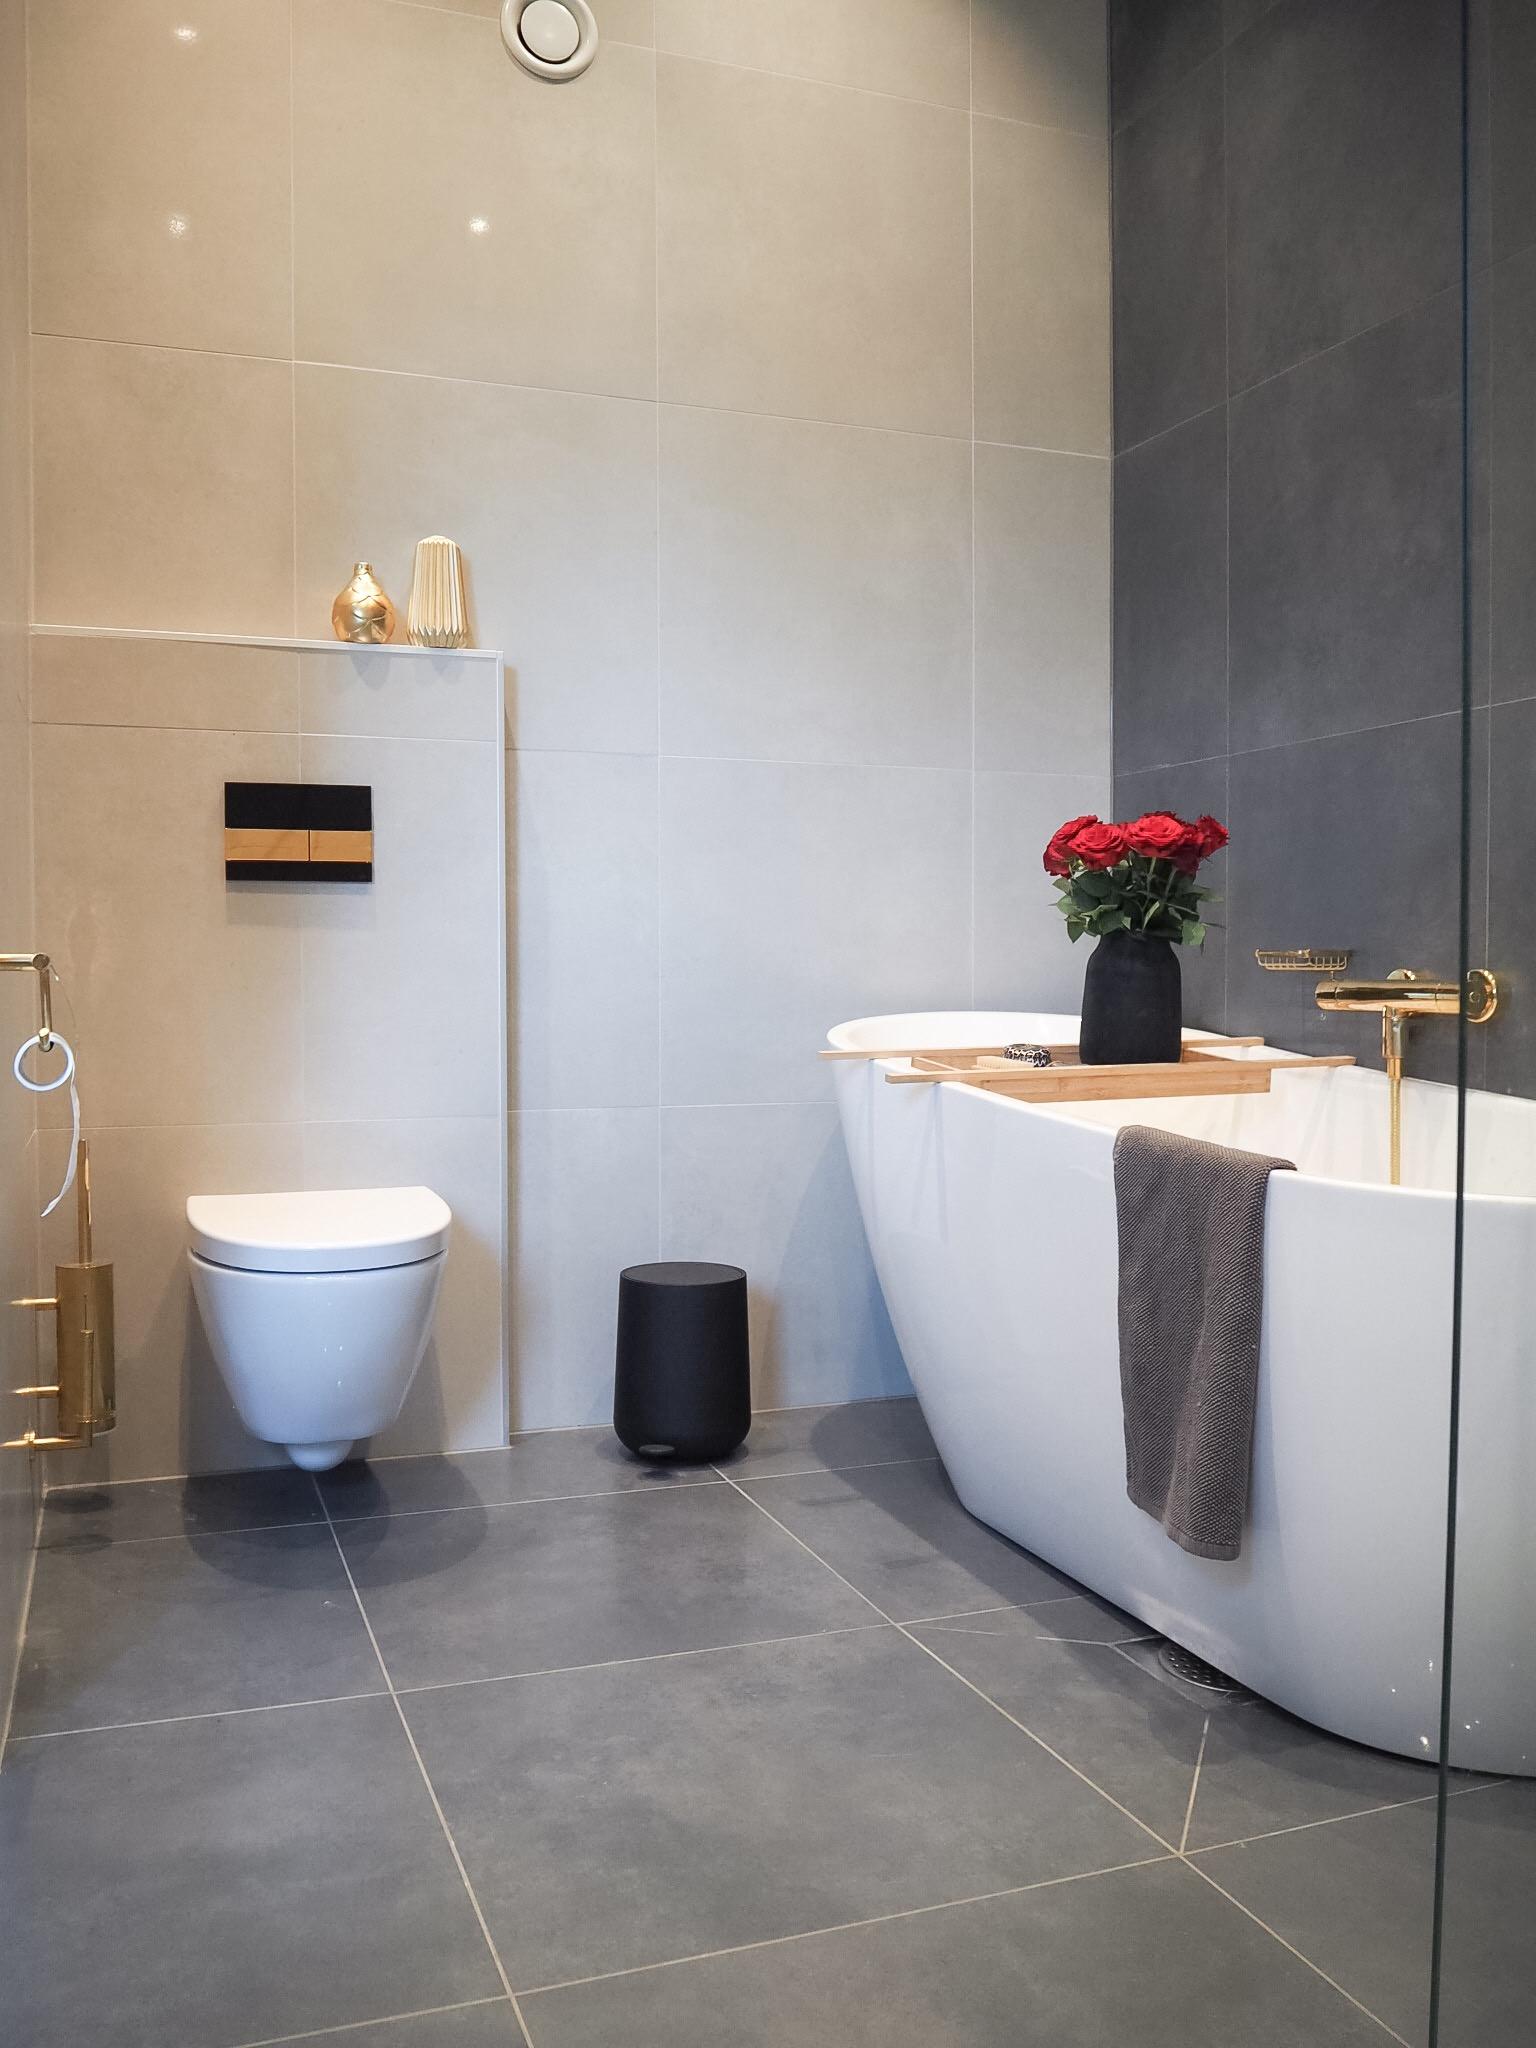 Badet - Mitt favoritt rom i huset - HVITELINJER BLOGG